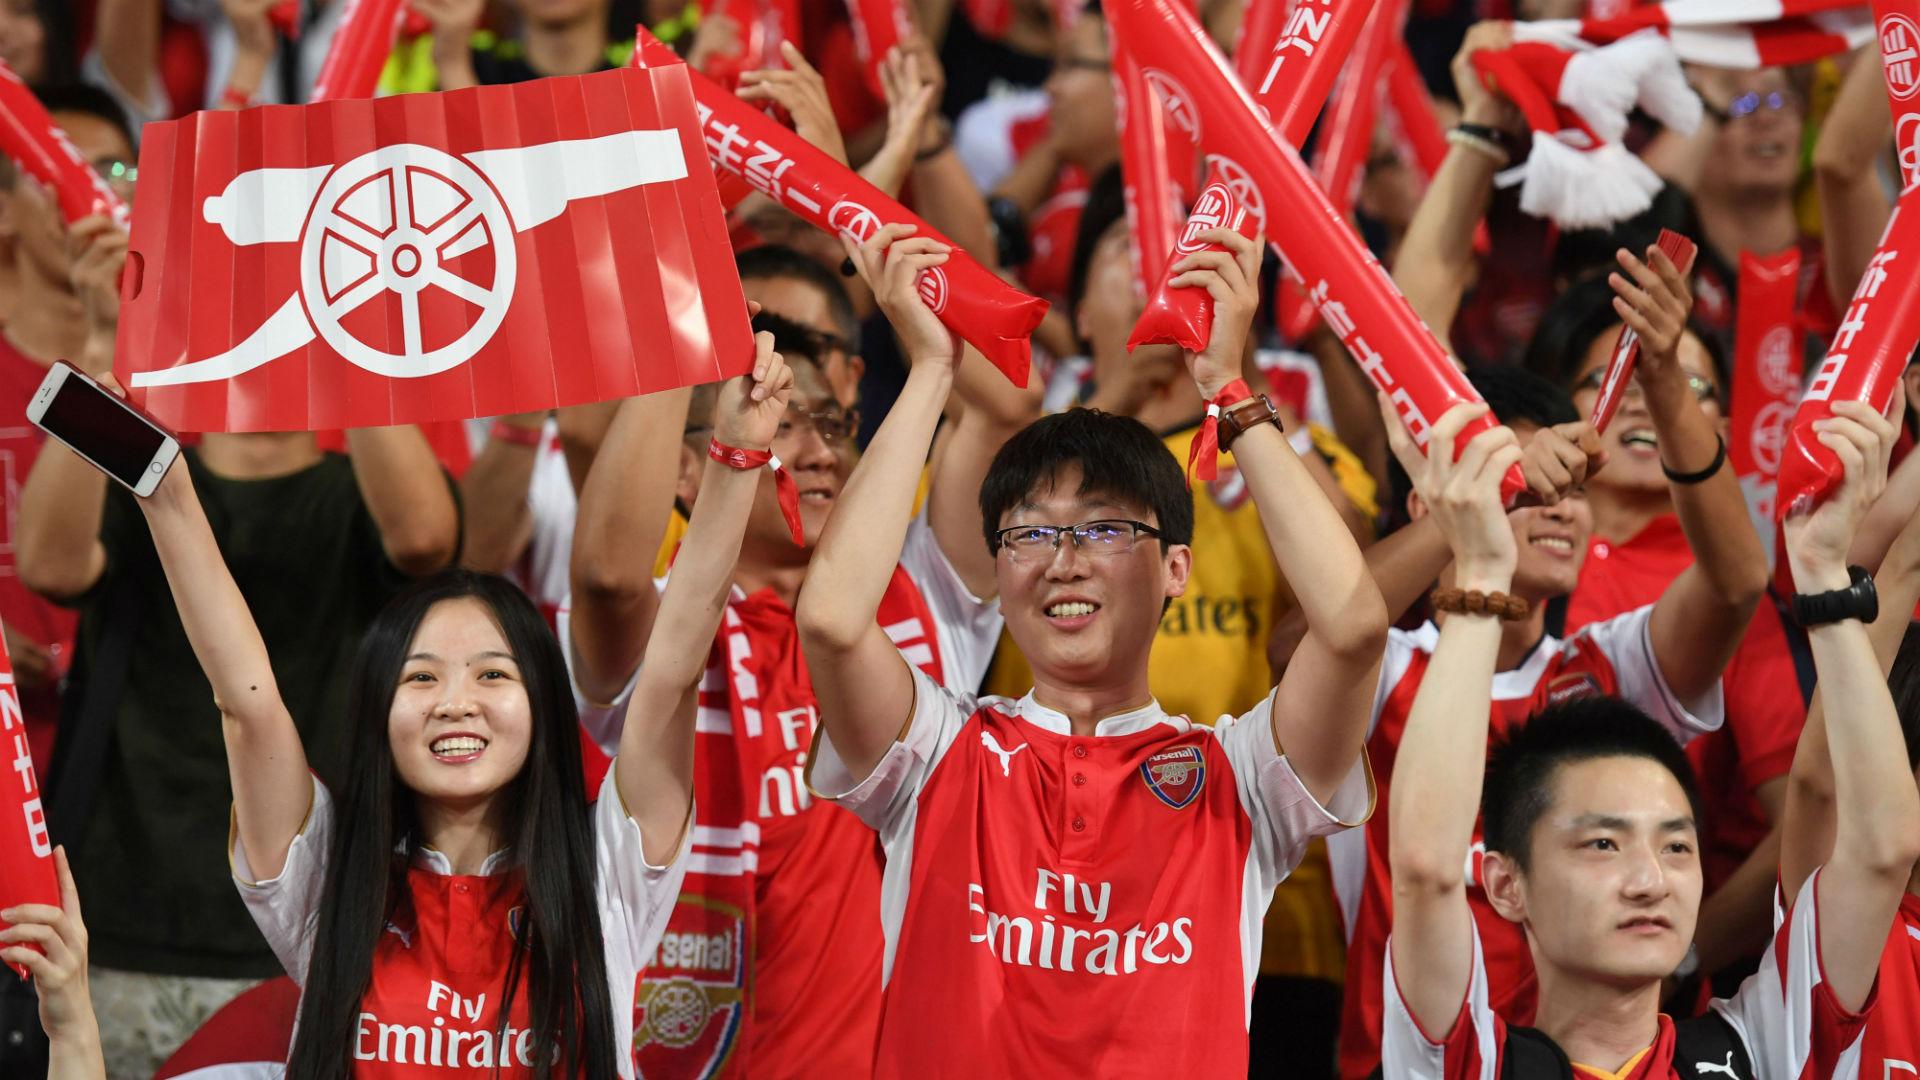 Arsenal fans China